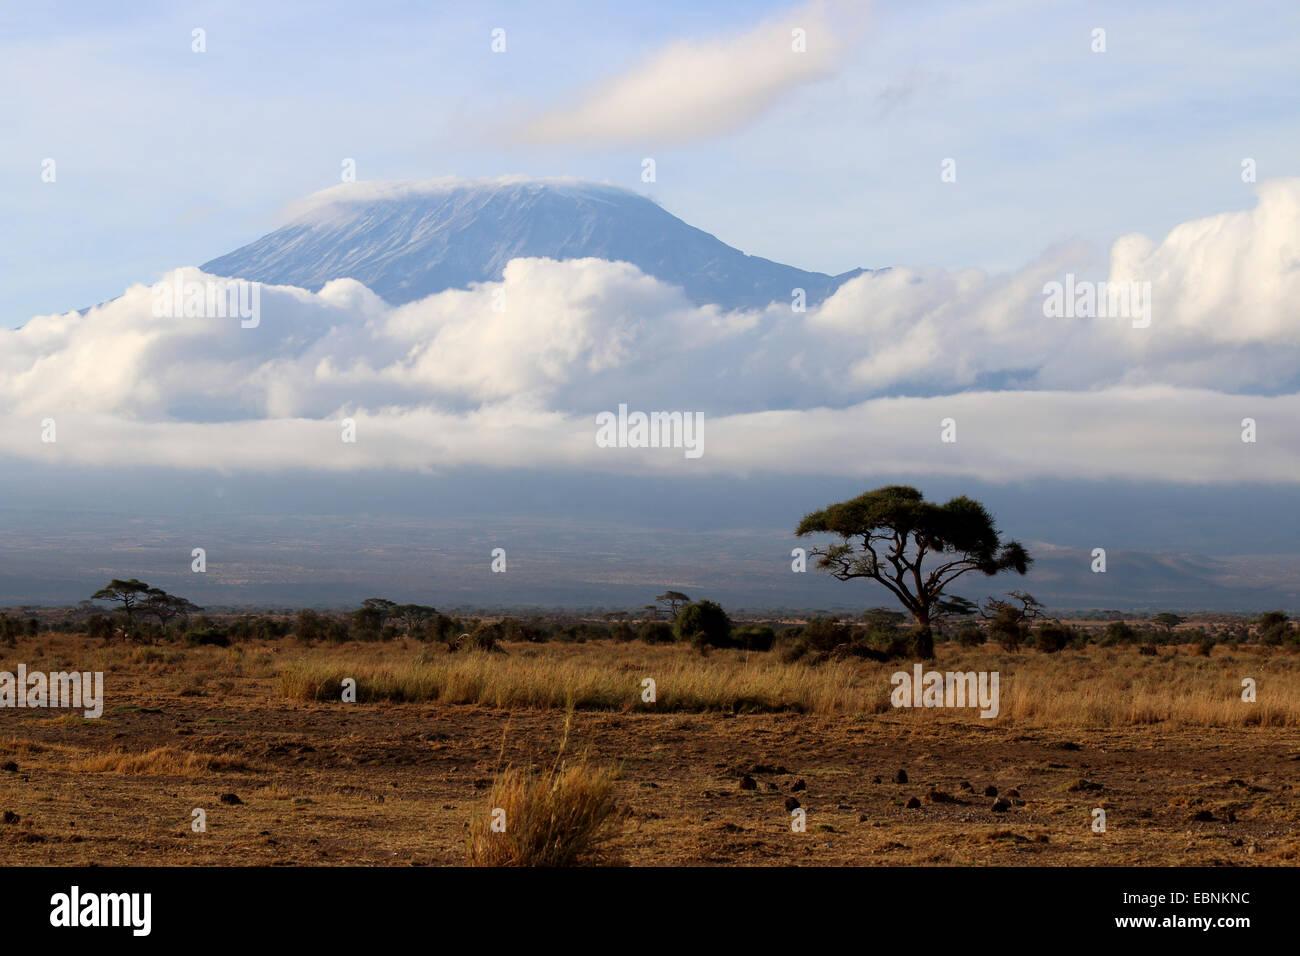 Kilimanjaro, Kenya, Amboseli National Park - Stock Image